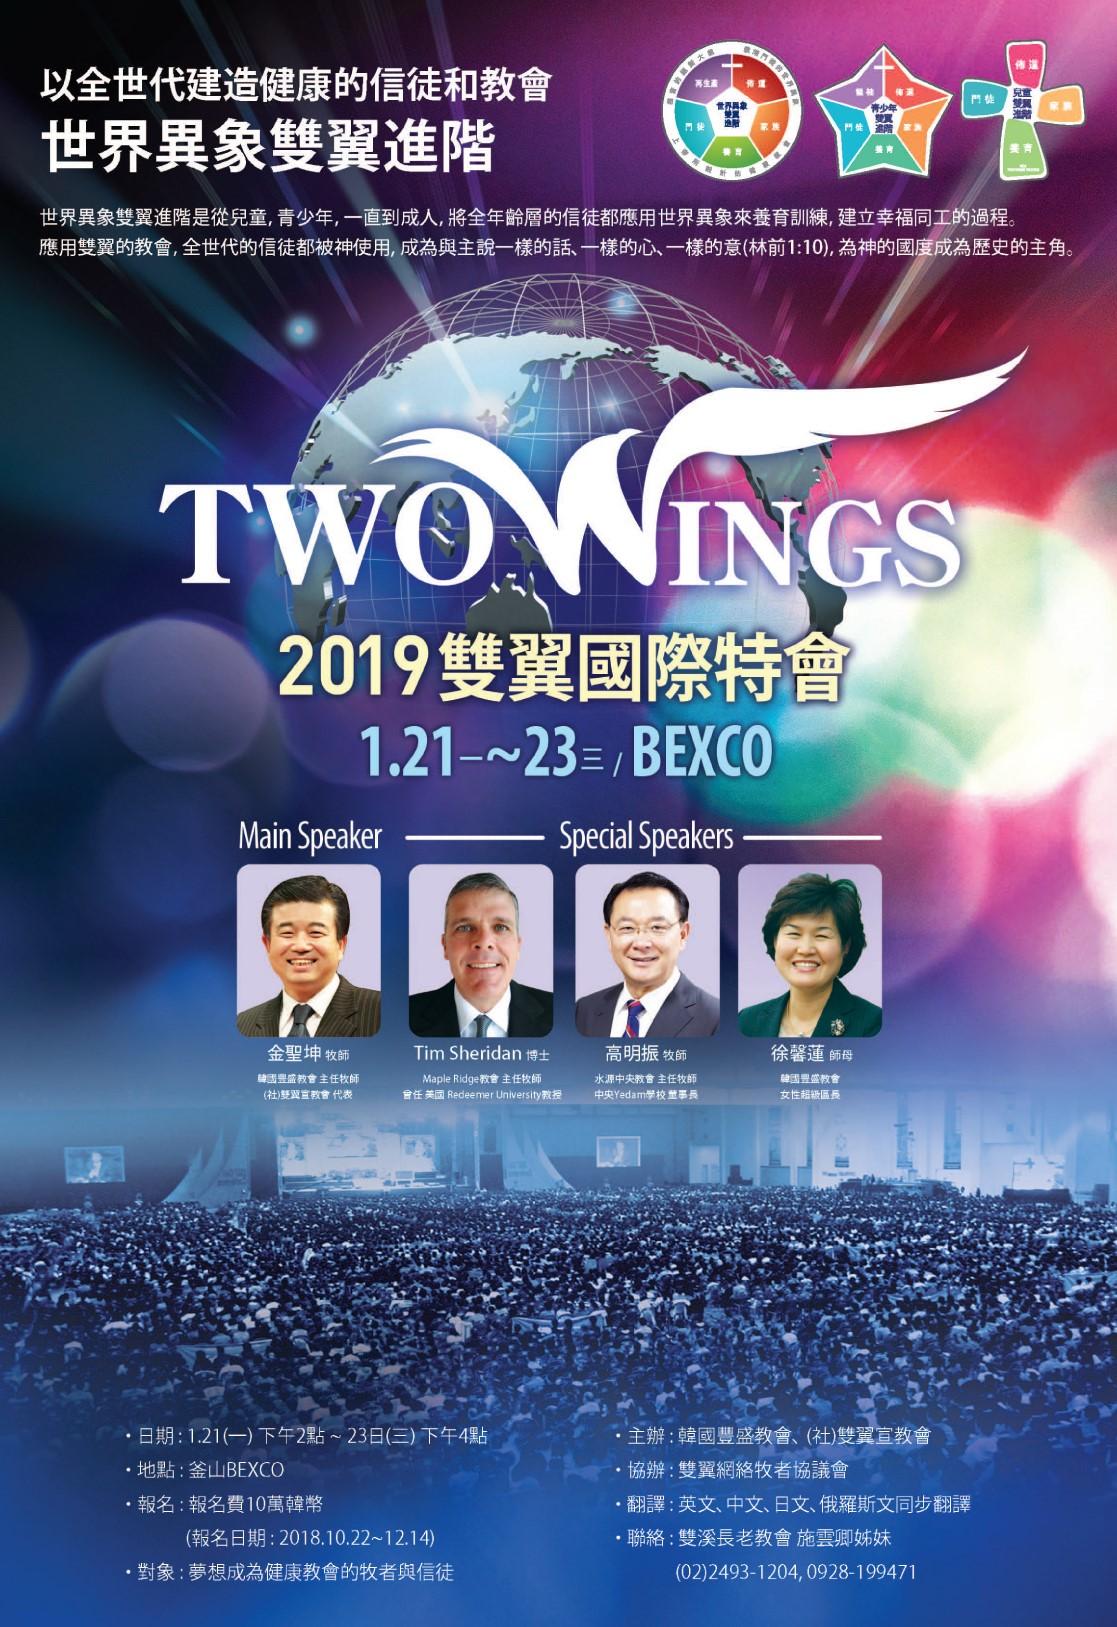 181025-2019컨-포스터_중국어1